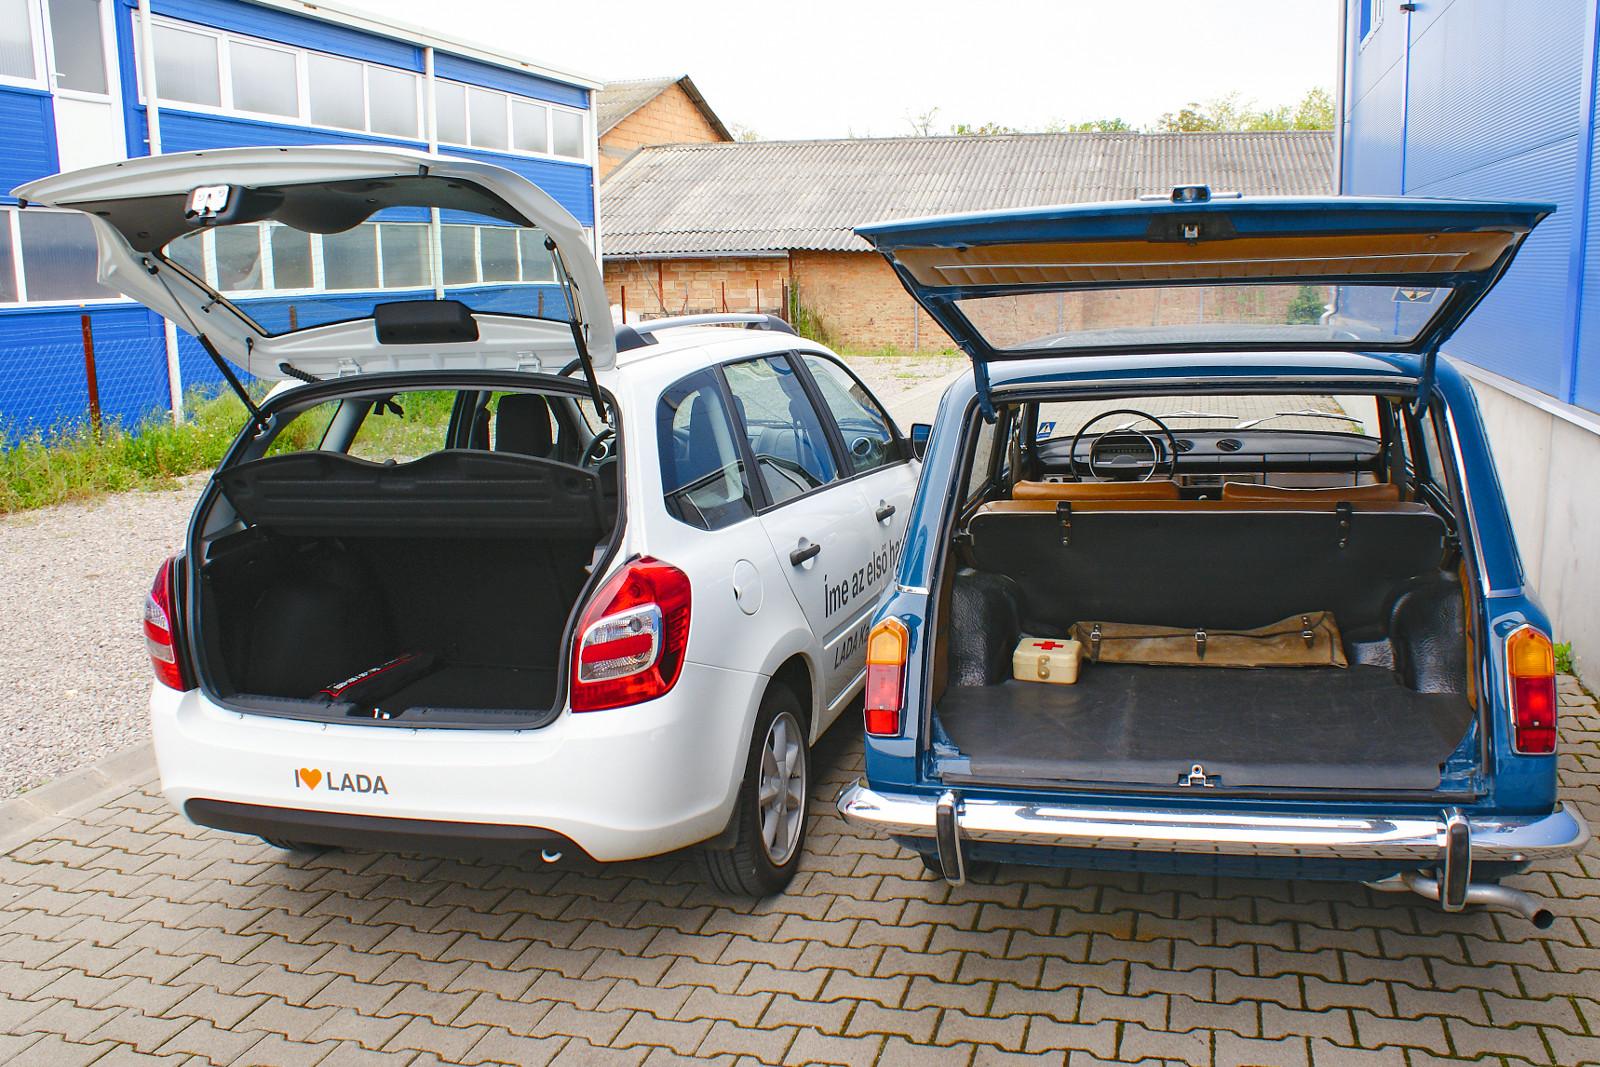 40 év választja el egymástól a két Lada kombit. A Fiat 124 Familiare szovjet változatába 345, a Kalinába 355 liternyi csomag fér. Fotó: Lővei Gergely és Balogh Bence